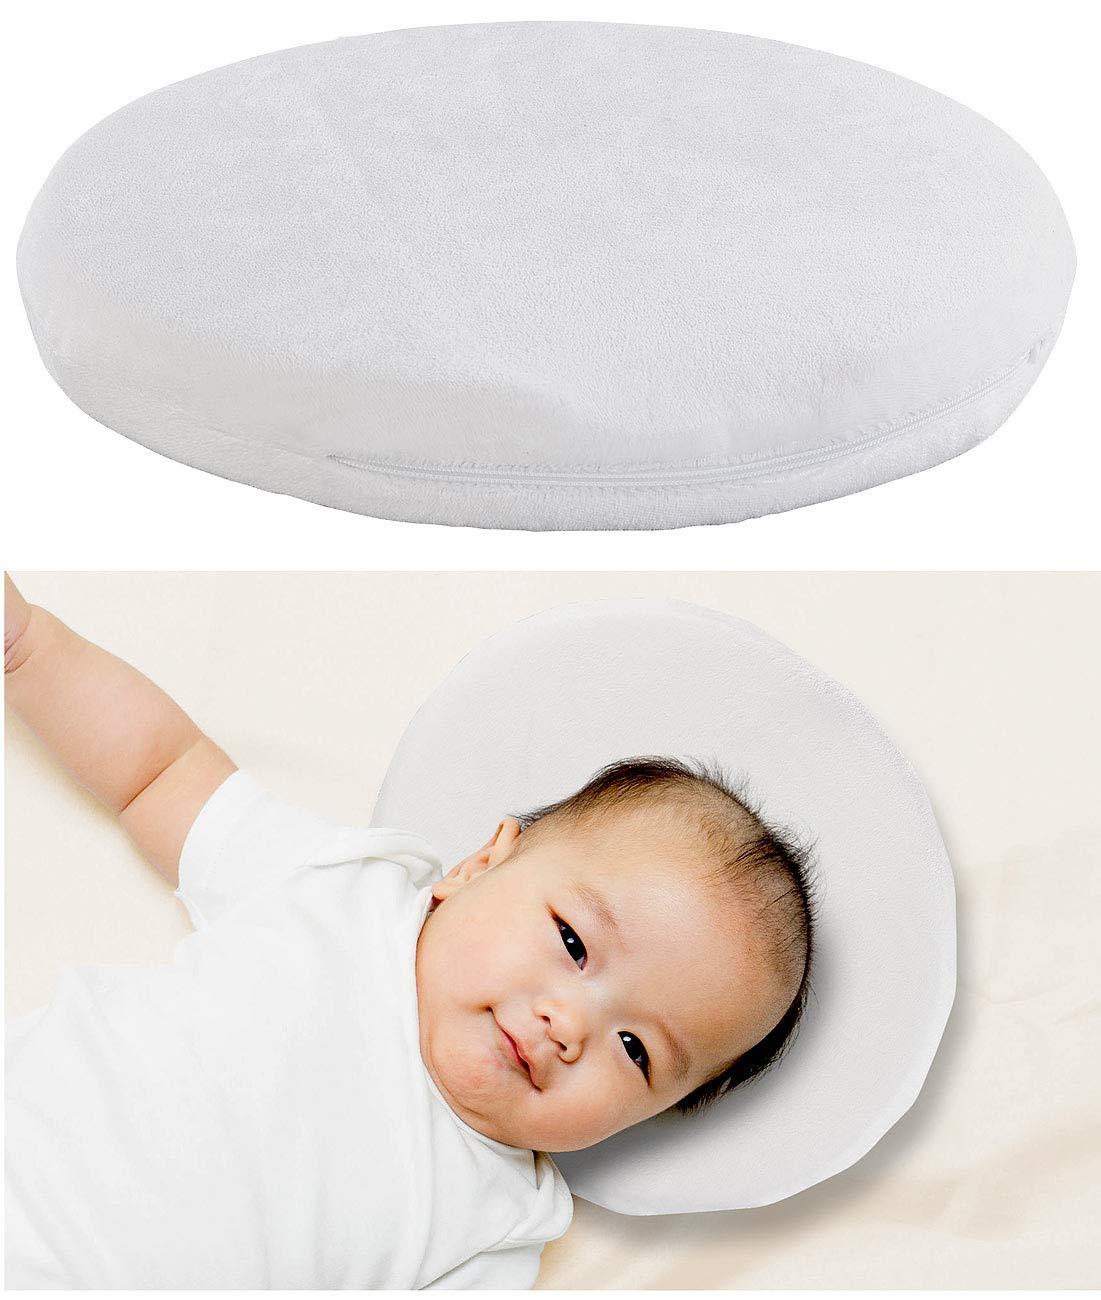 newgen medicals Baby Kissen: Memory-Foam-Kopfkissen f/ür Babys Baby-Kopfkissen OEKO-TEX/® Standard 100 ergonomisch